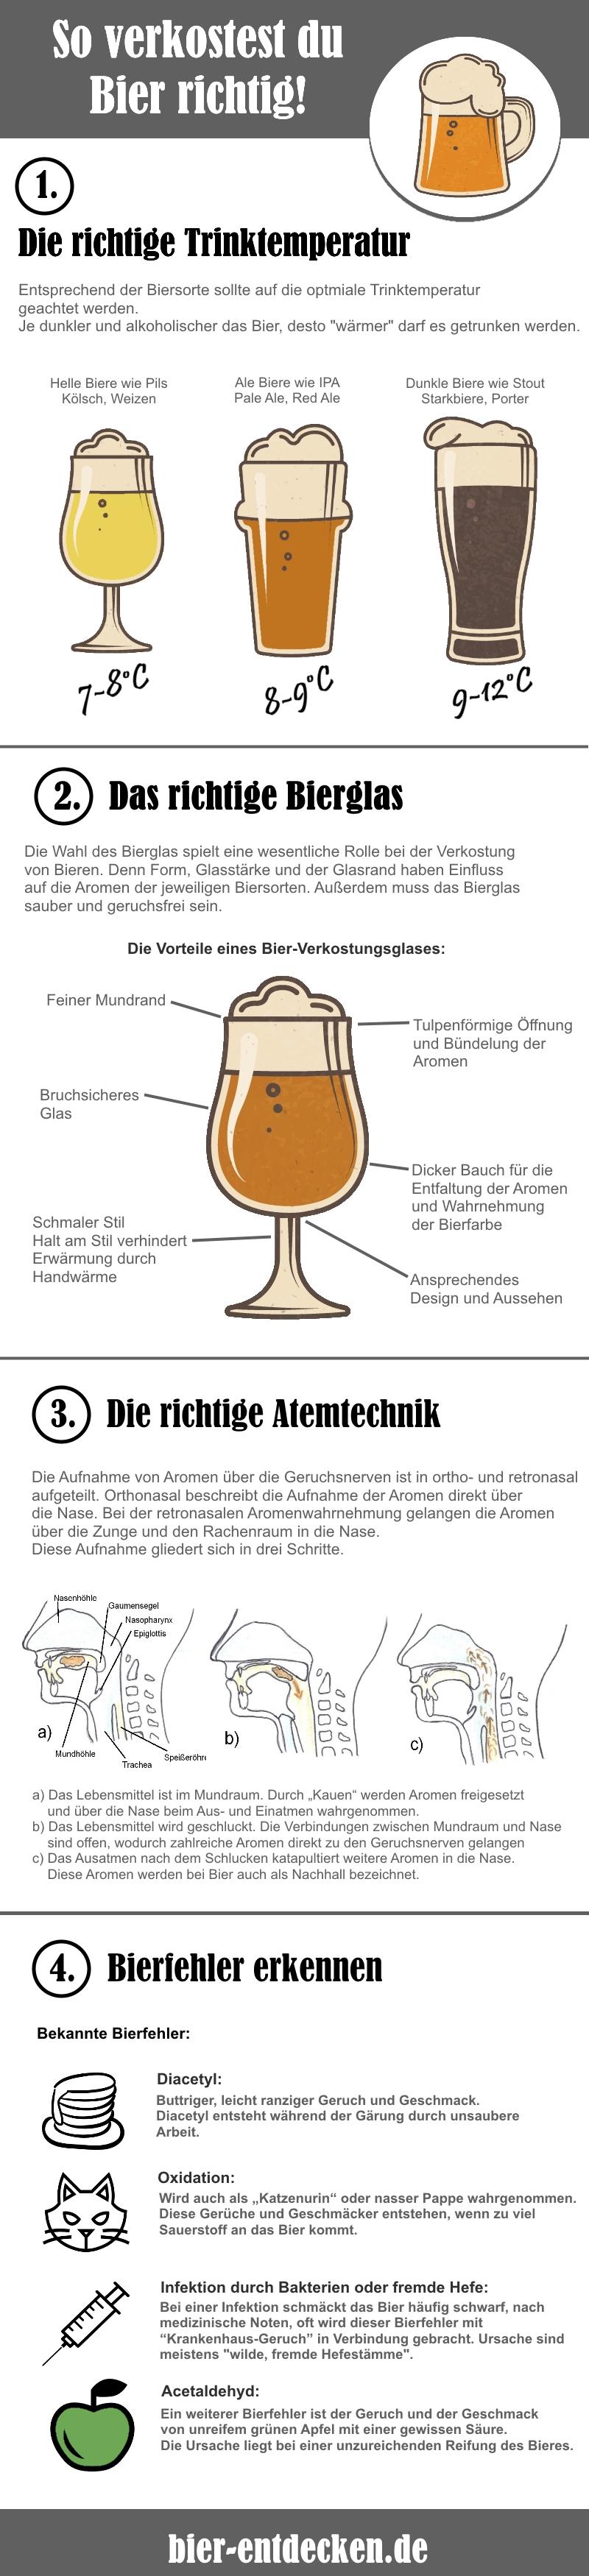 Fehler bei der Bierverkostung vermeiden. Unsere Tipps